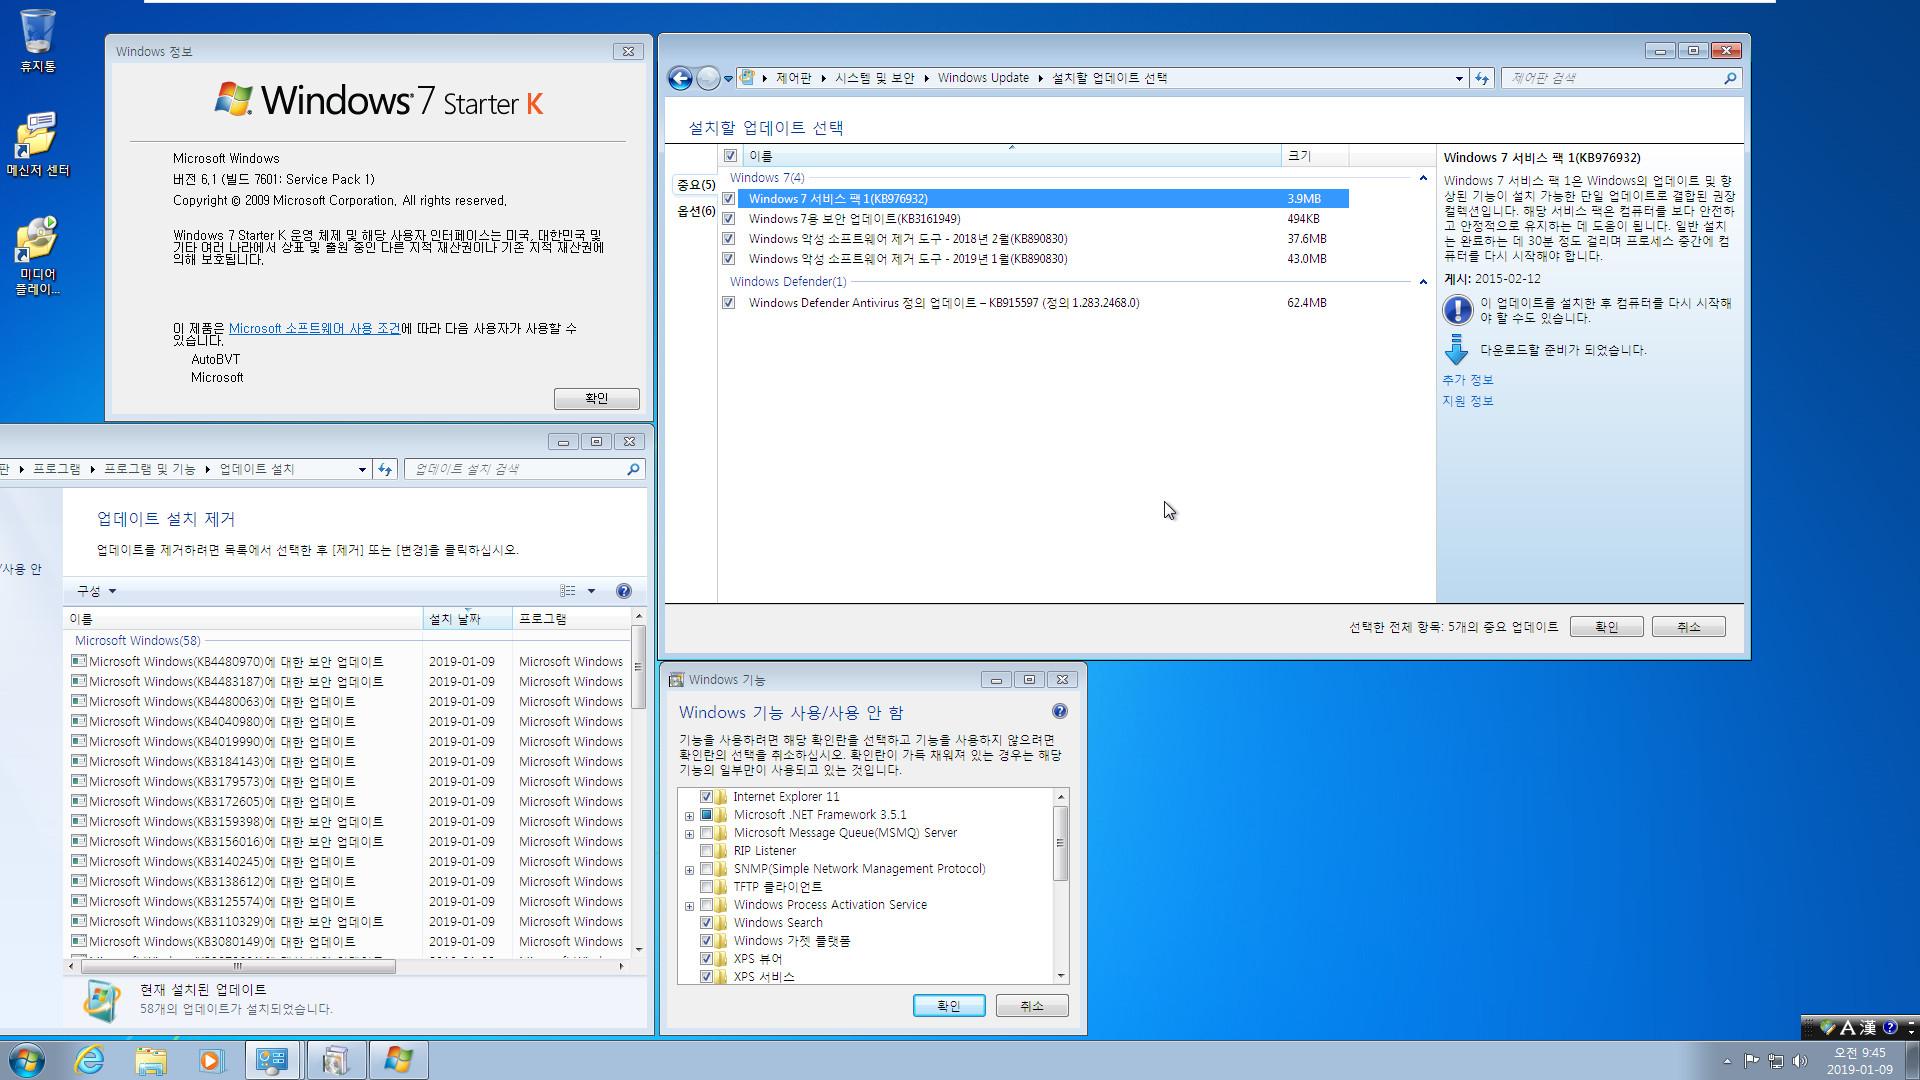 2019년 1월 9일 정기 업데이트 나왔네요 - Windows 7 롤업 업데이트 KB4480970 (OS 빌드 7601.24334) IE11 통합중 입니다 2019-01-09_094526.jpg